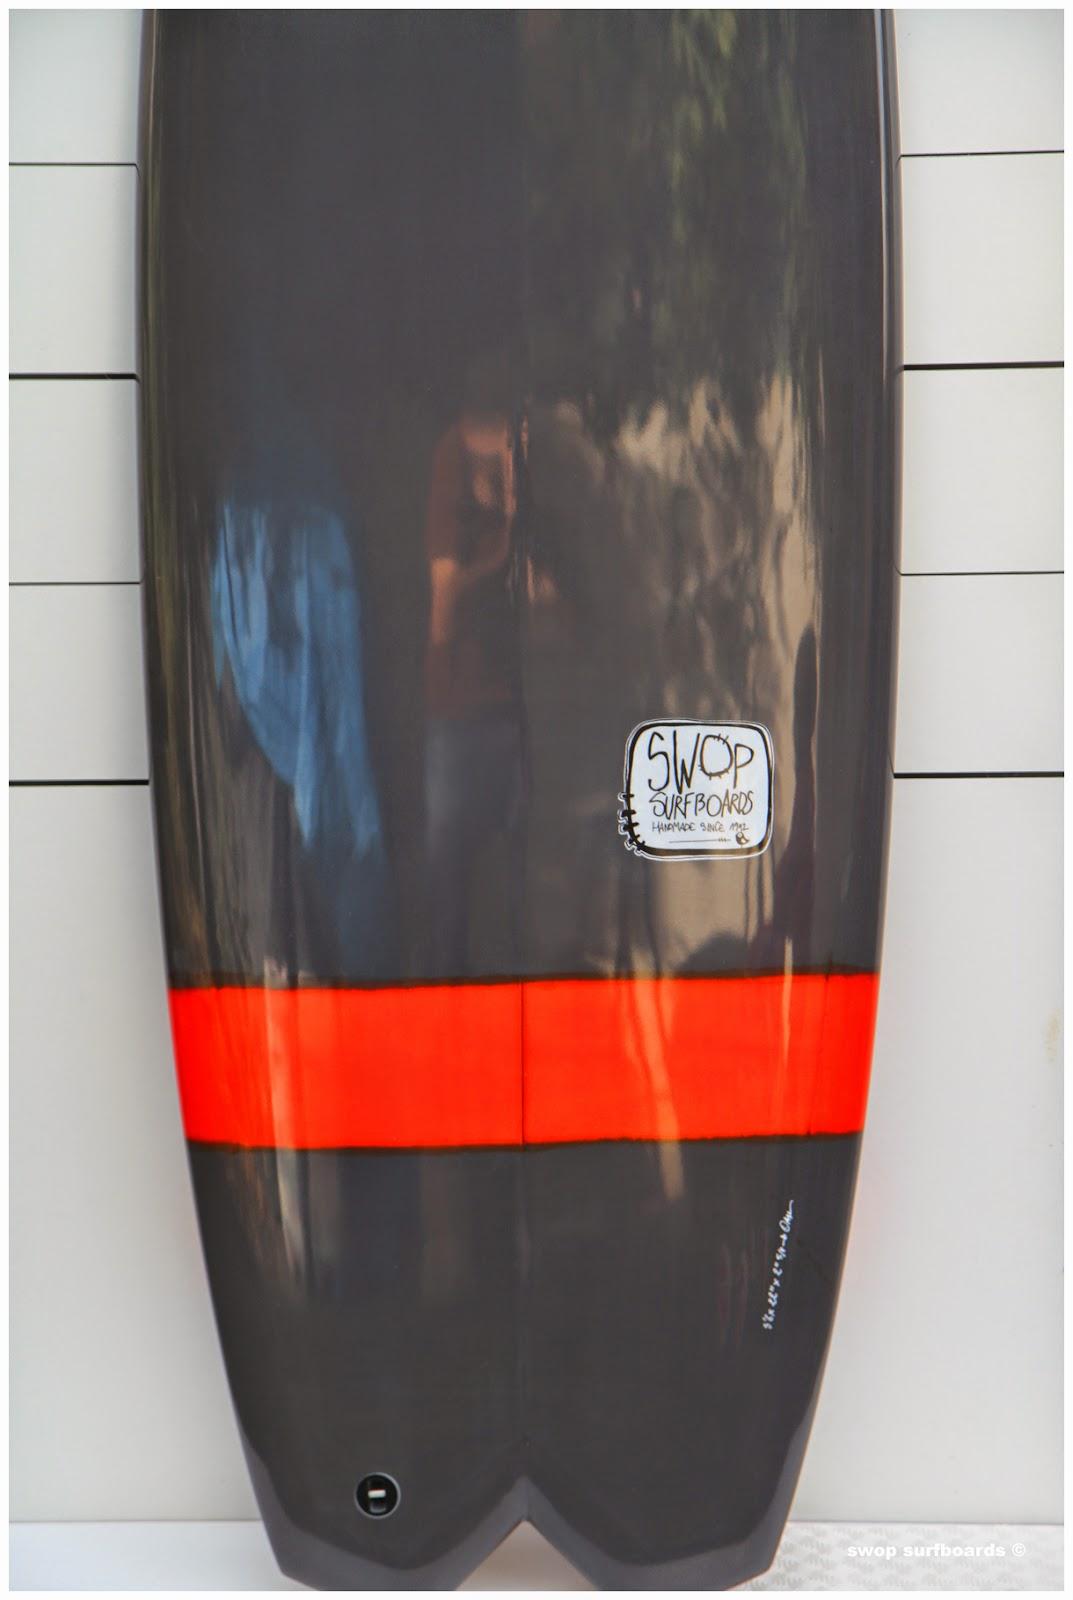 swop surfboards karma metal flake. Black Bedroom Furniture Sets. Home Design Ideas